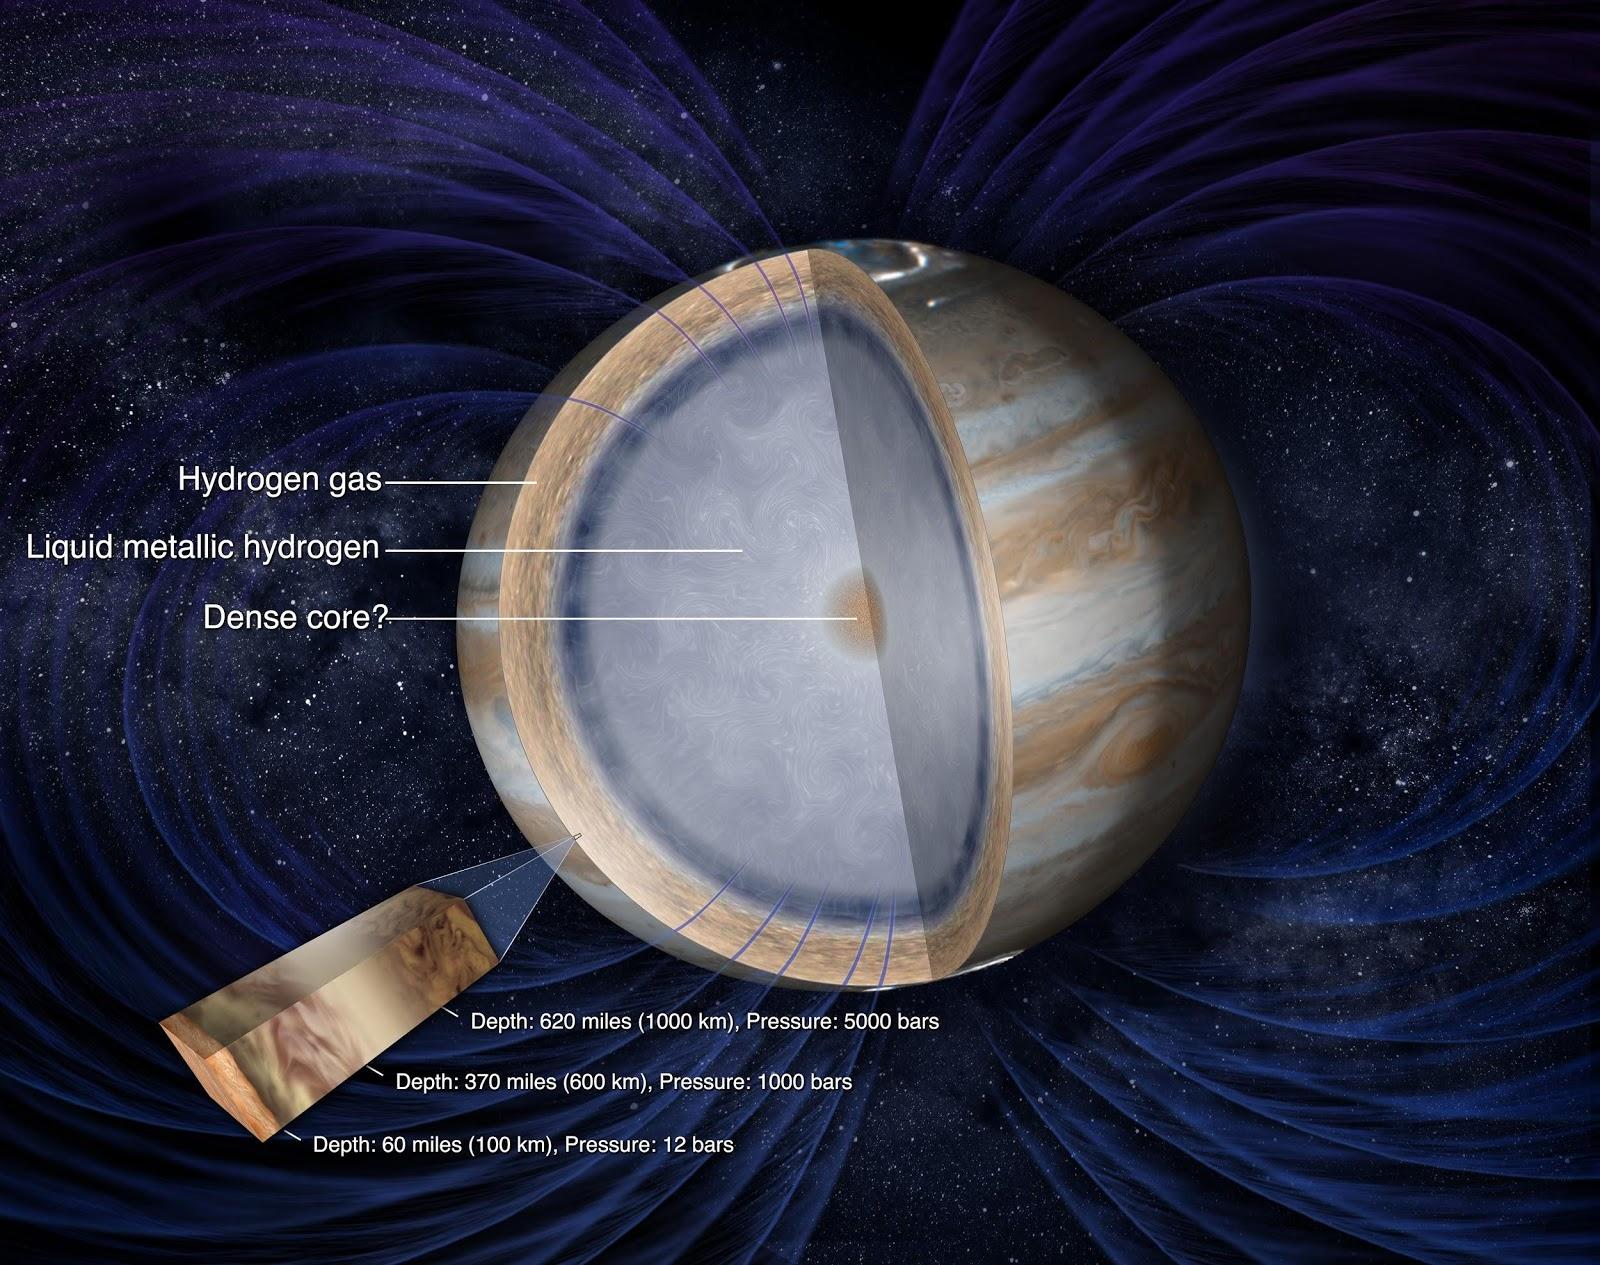 Под насыщенной парами поверхностью Юпитера простирается загадочно переливающийся разными цветами океан жидкого металлического водорода с причудливыми завихрениями. Изображение NASA.